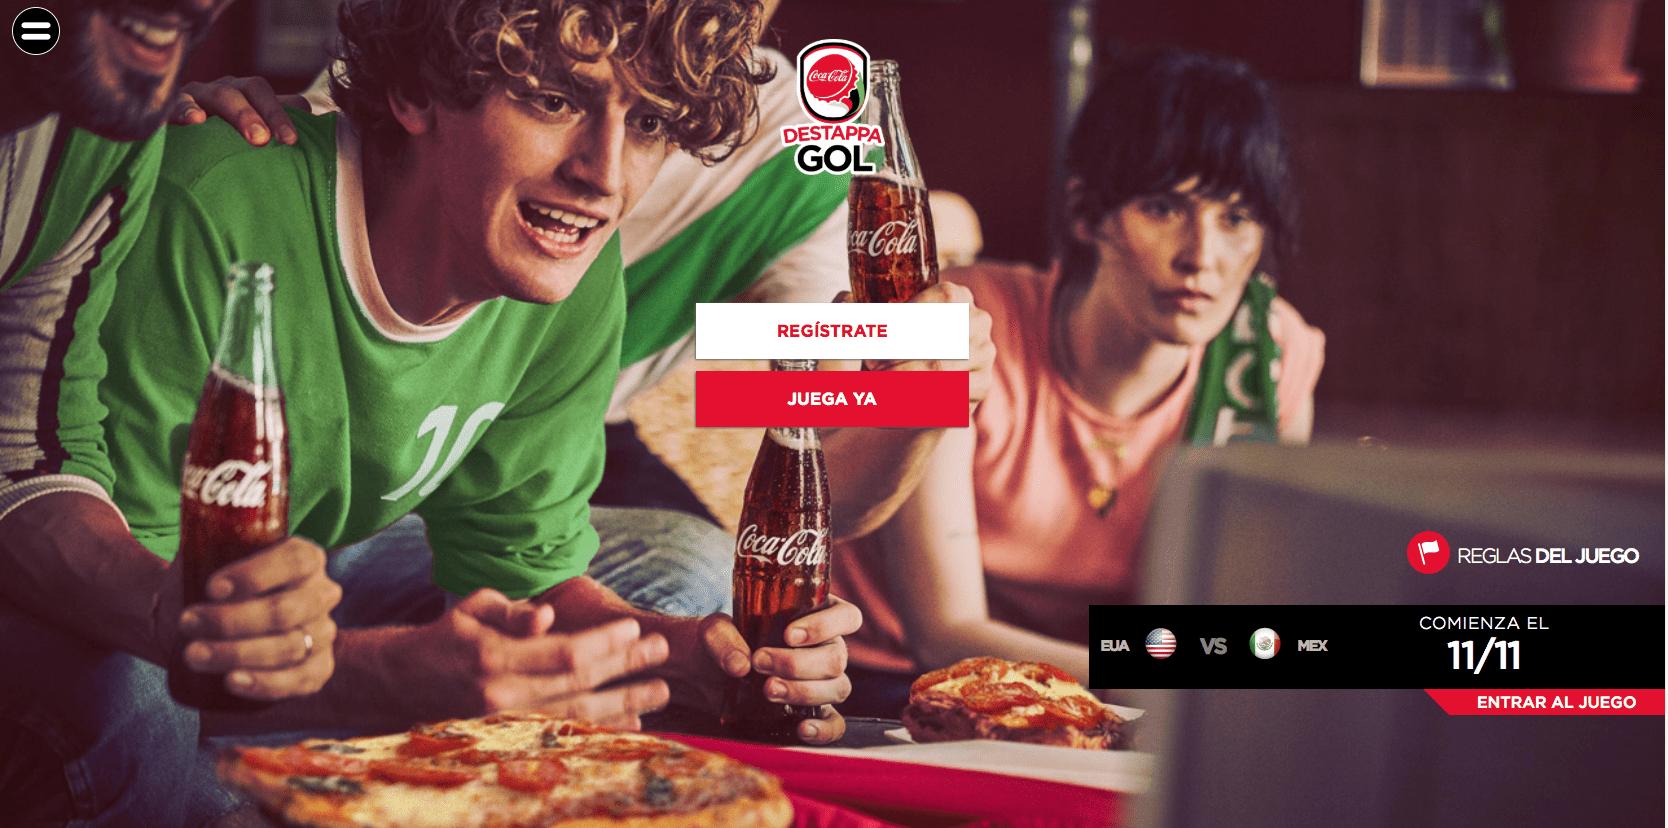 Promoción Coca-Cola Destappa Gol 2016: Gana viaje a la Copa Confederaciones Rusia 2017 en destappagol.coca-cola.com.mx